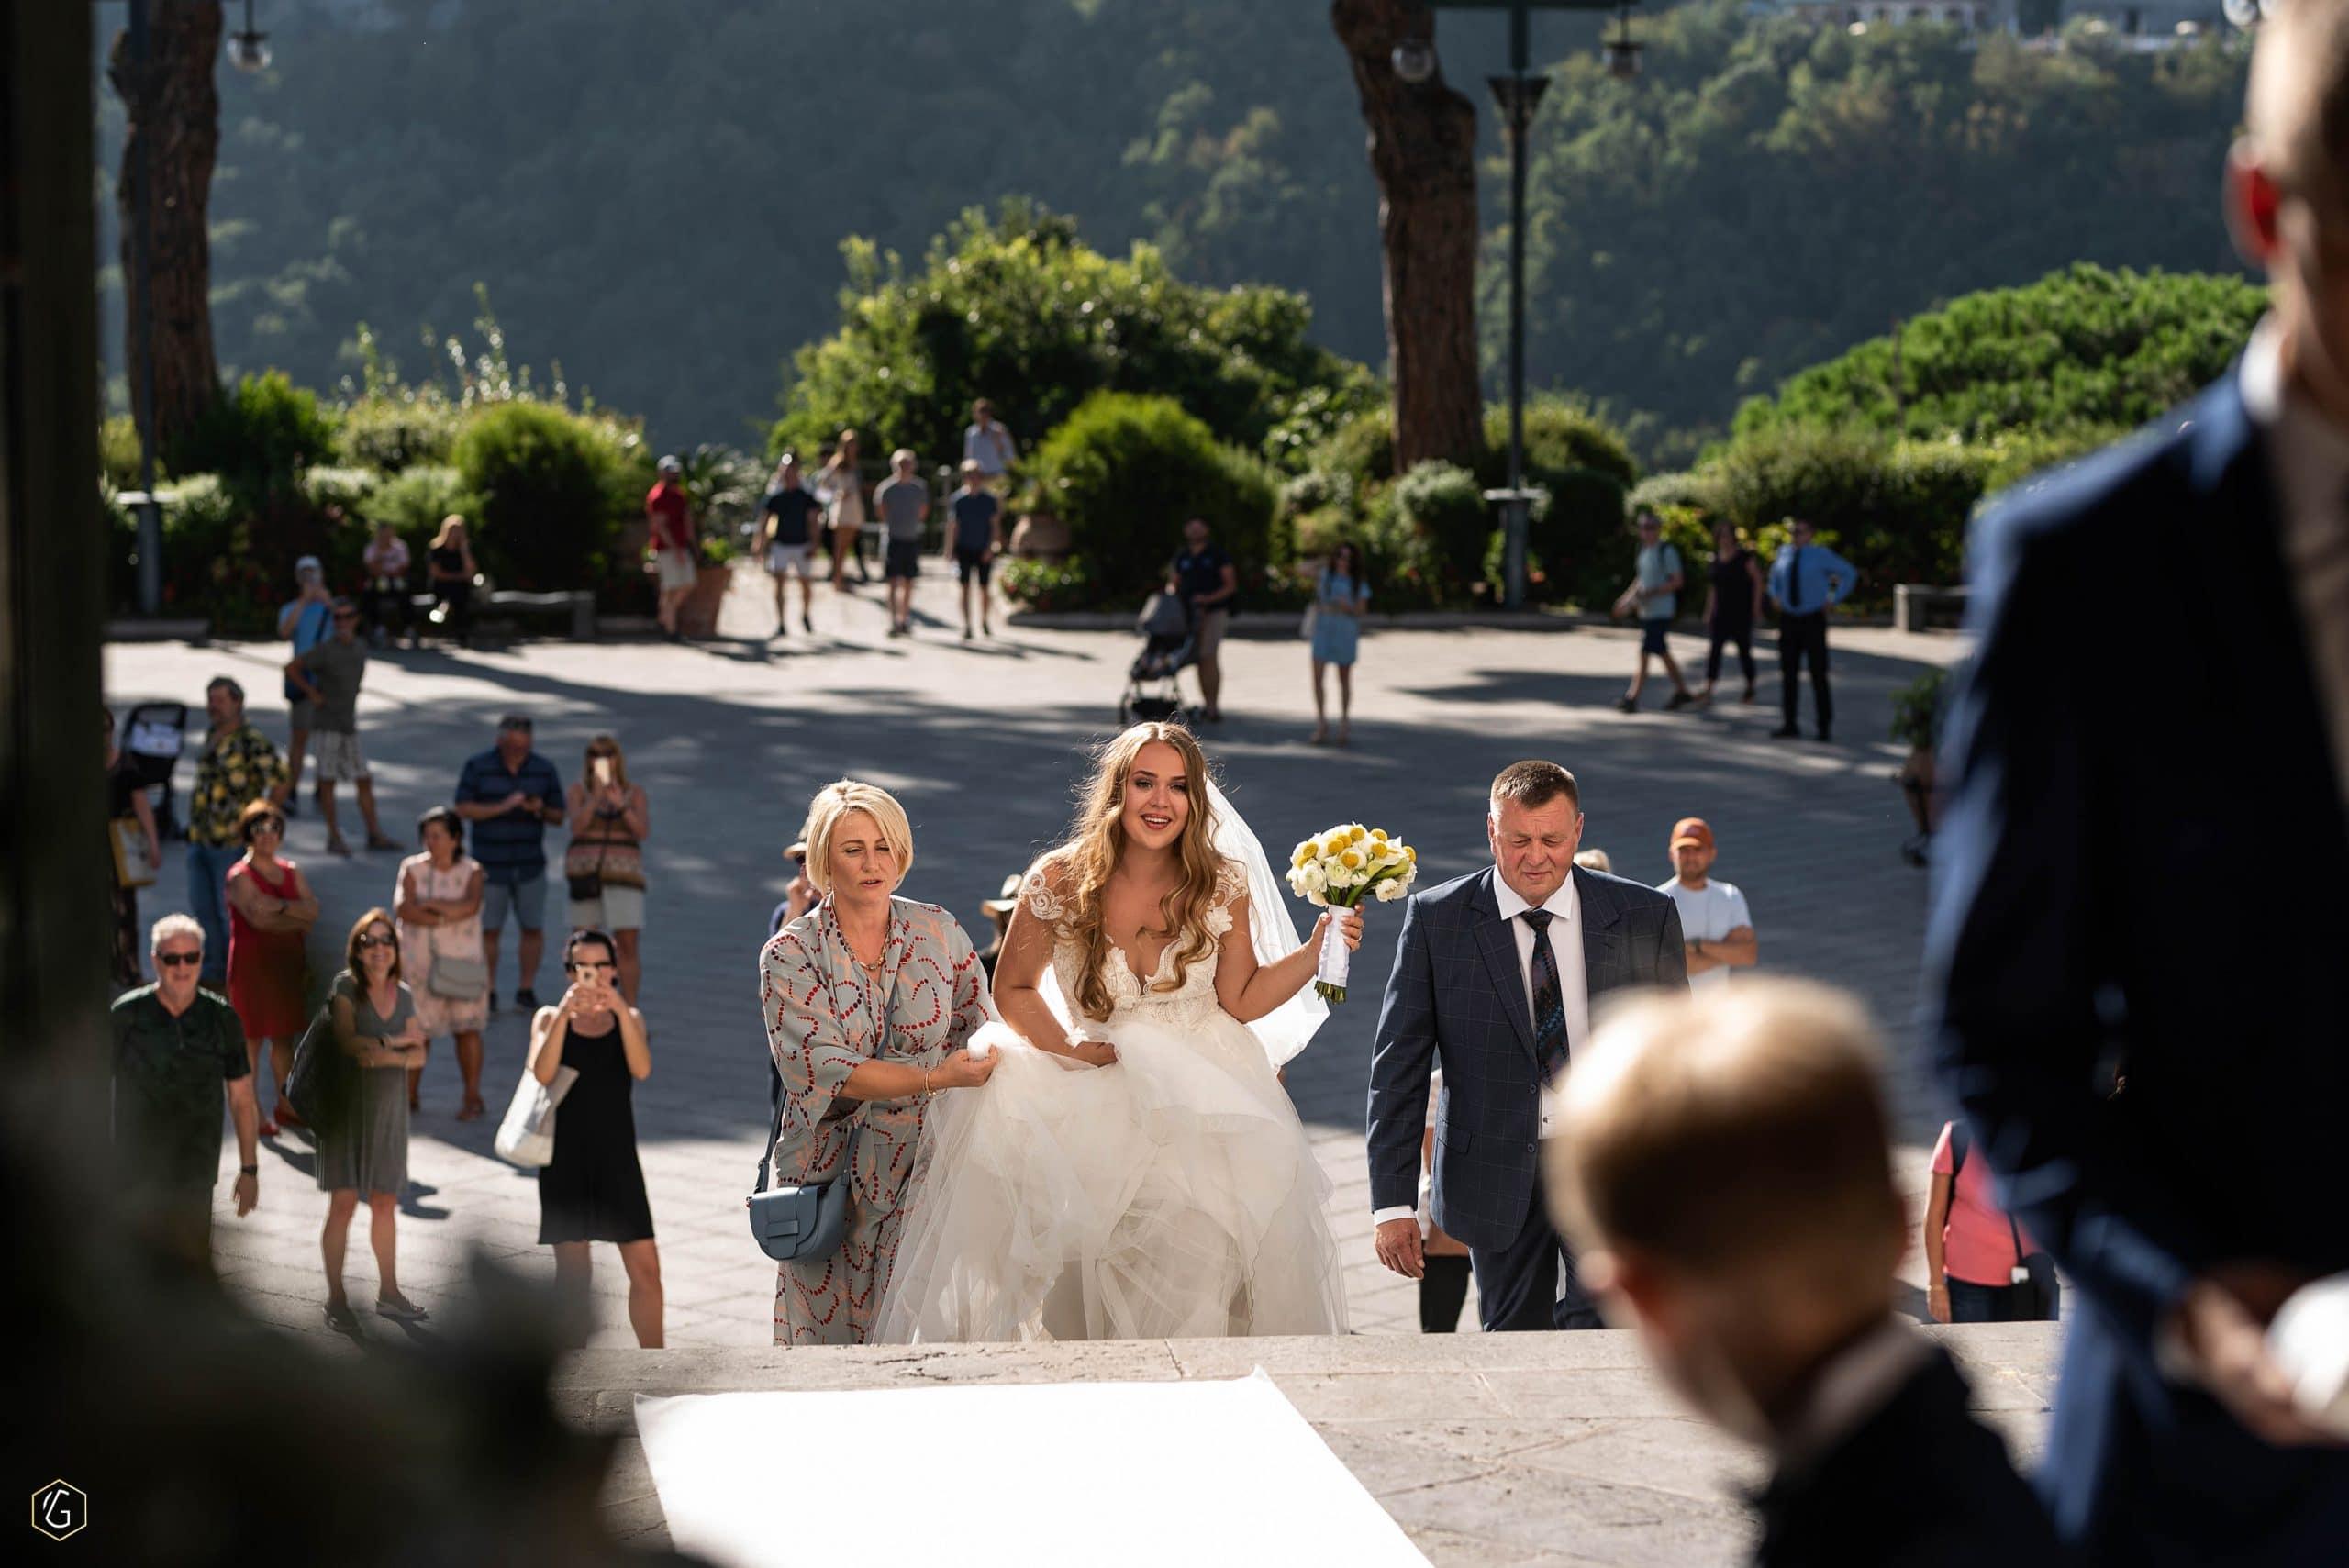 Vilma Wedding & Event Planner _ Vilma Rapšaitė _ santuokos organizatorė _ vestuvės Amalfyje _ turistai _ jaunoji _ vestuvės Italijoje